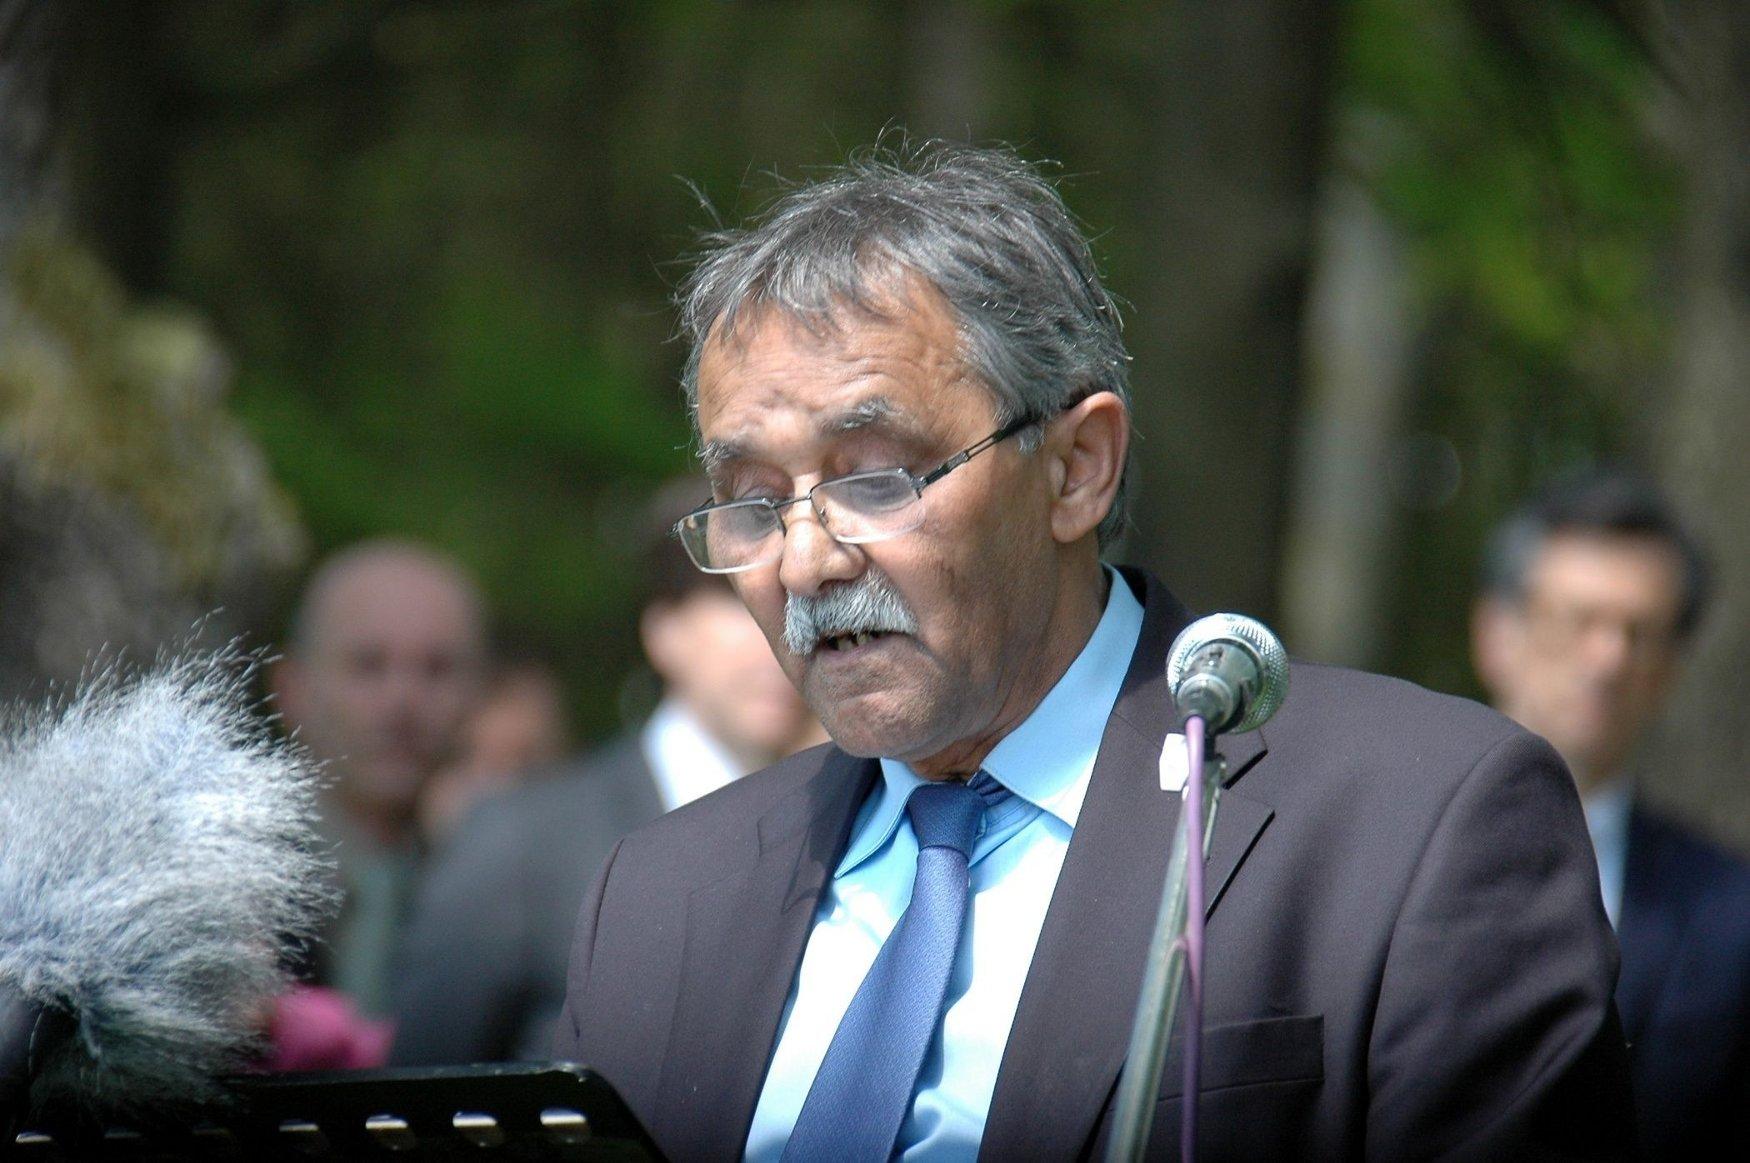 Čeněk Růžička, photo: Jana Šustová